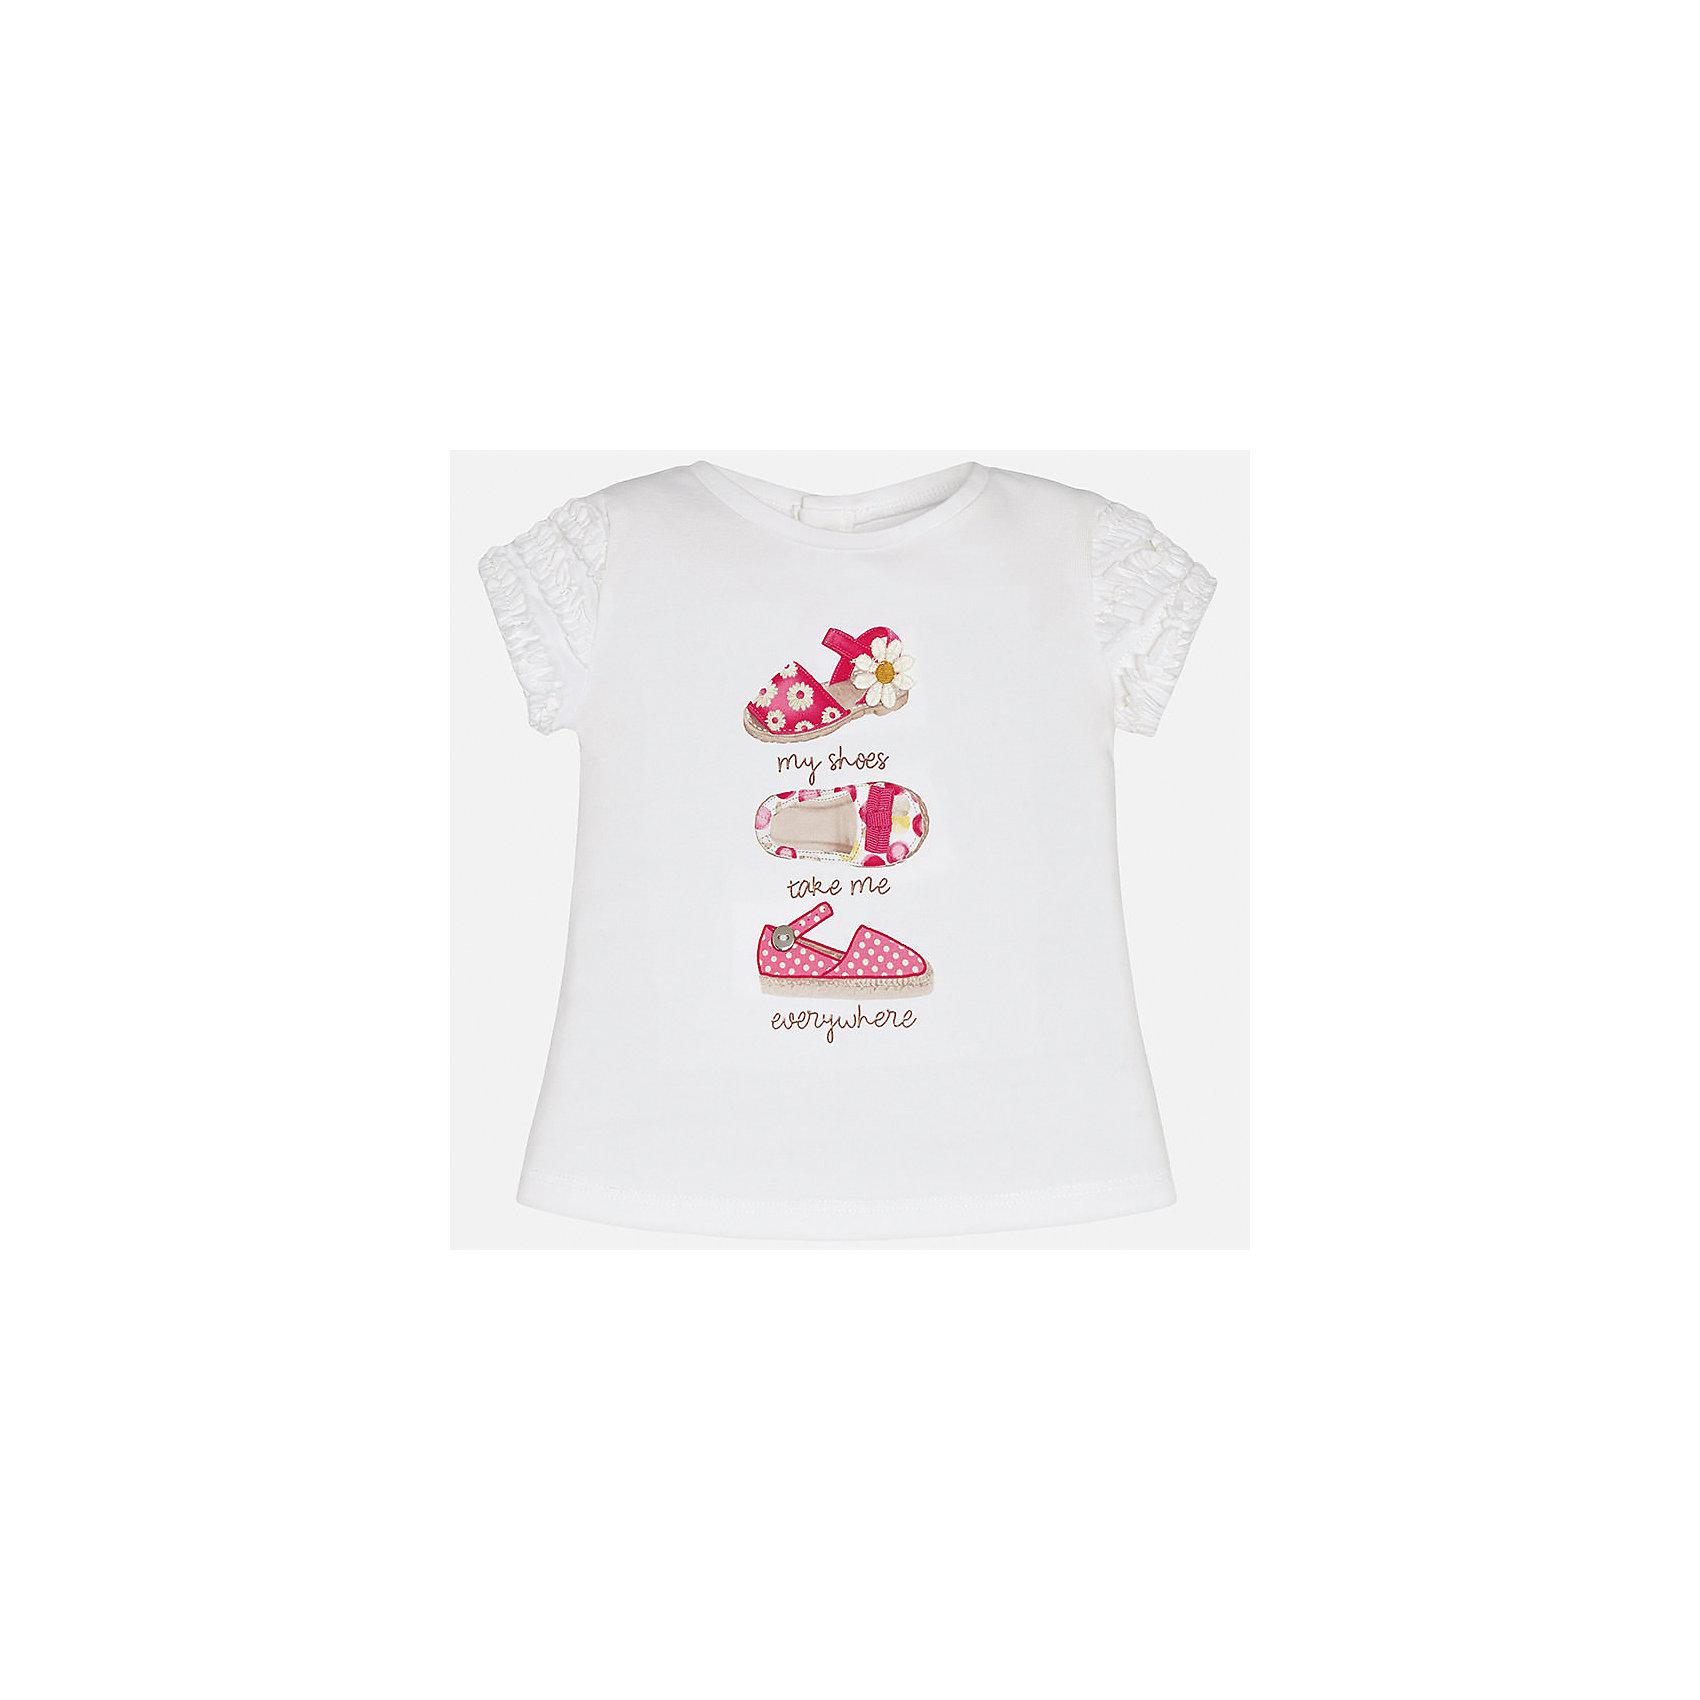 Футболка для девочки MayoralХарактеристики товара:<br><br>• цвет: белый<br>• состав: 92% хлопок, 8% эластан<br>• оборки на рукавах<br>• сзади кнопки<br>• короткие рукава<br>• принт<br>• страна бренда: Испания<br><br>Стильная качественная футболка для девочки поможет разнообразить гардероб ребенка и украсить наряд. Она отлично сочетается и с юбками, и с шортами, и с брюками. Универсальный цвет позволяет подобрать к вещи низ практически любой расцветки. Интересная отделка модели делает её нарядной и оригинальной. В составе ткани преобладает натуральный хлопок, гипоаллергенный, приятный на ощупь, дышащий.<br><br>Одежда, обувь и аксессуары от испанского бренда Mayoral полюбились детям и взрослым по всему миру. Модели этой марки - стильные и удобные. Для их производства используются только безопасные, качественные материалы и фурнитура. Порадуйте ребенка модными и красивыми вещами от Mayoral! <br><br>Футболку для девочки от испанского бренда Mayoral (Майорал) можно купить в нашем интернет-магазине.<br><br>Ширина мм: 199<br>Глубина мм: 10<br>Высота мм: 161<br>Вес г: 151<br>Цвет: розовый<br>Возраст от месяцев: 18<br>Возраст до месяцев: 24<br>Пол: Женский<br>Возраст: Детский<br>Размер: 92,74,80,86<br>SKU: 5288781